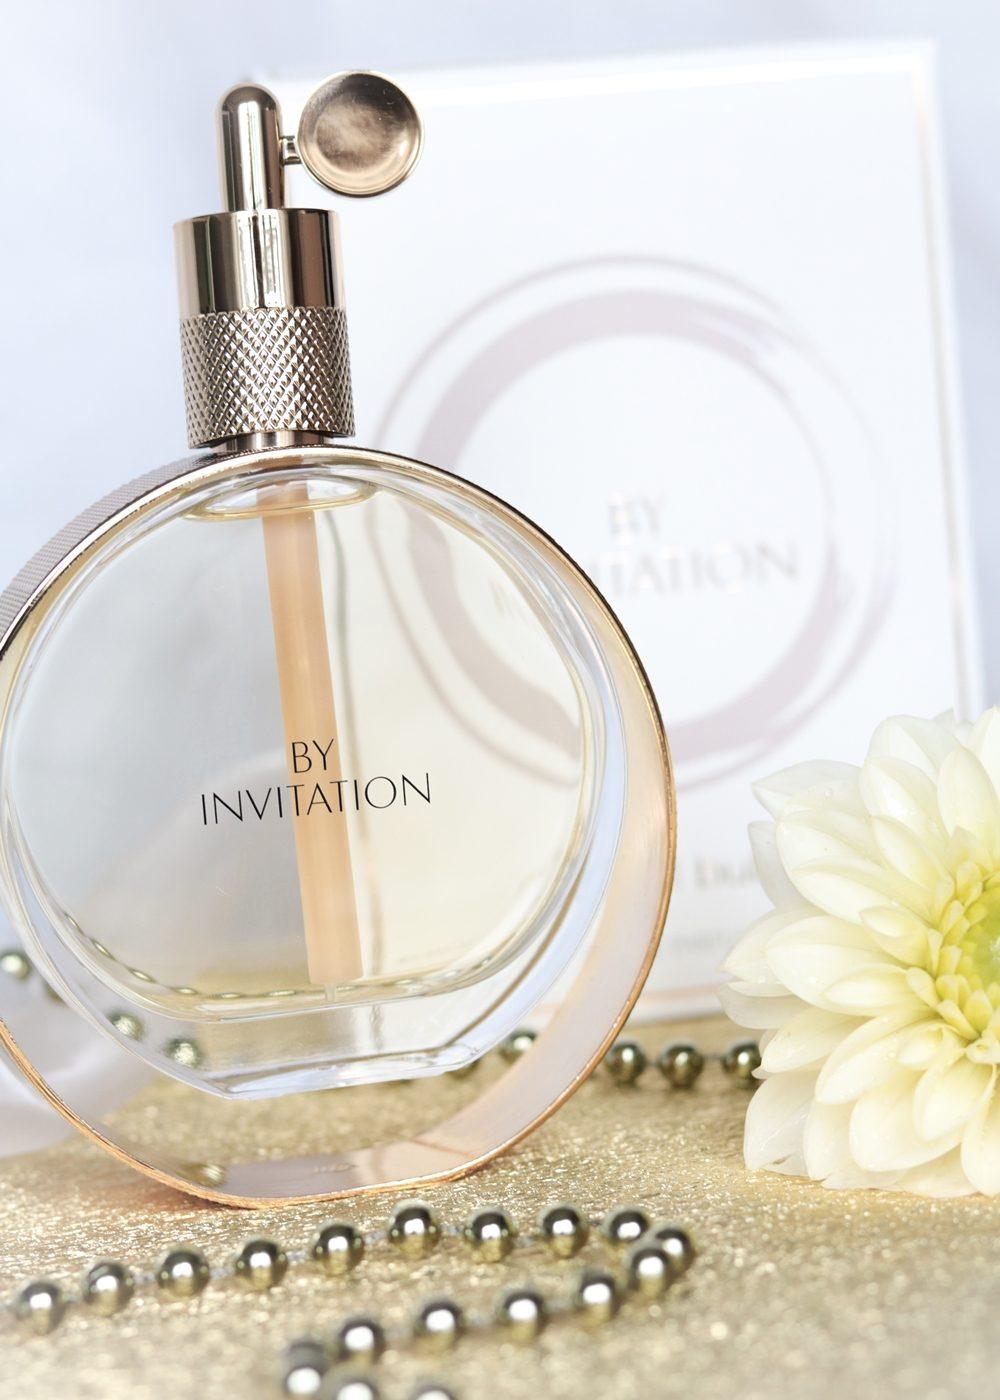 gewinnspiel-michael-buble-parfum-damenduft-by-invitation-6